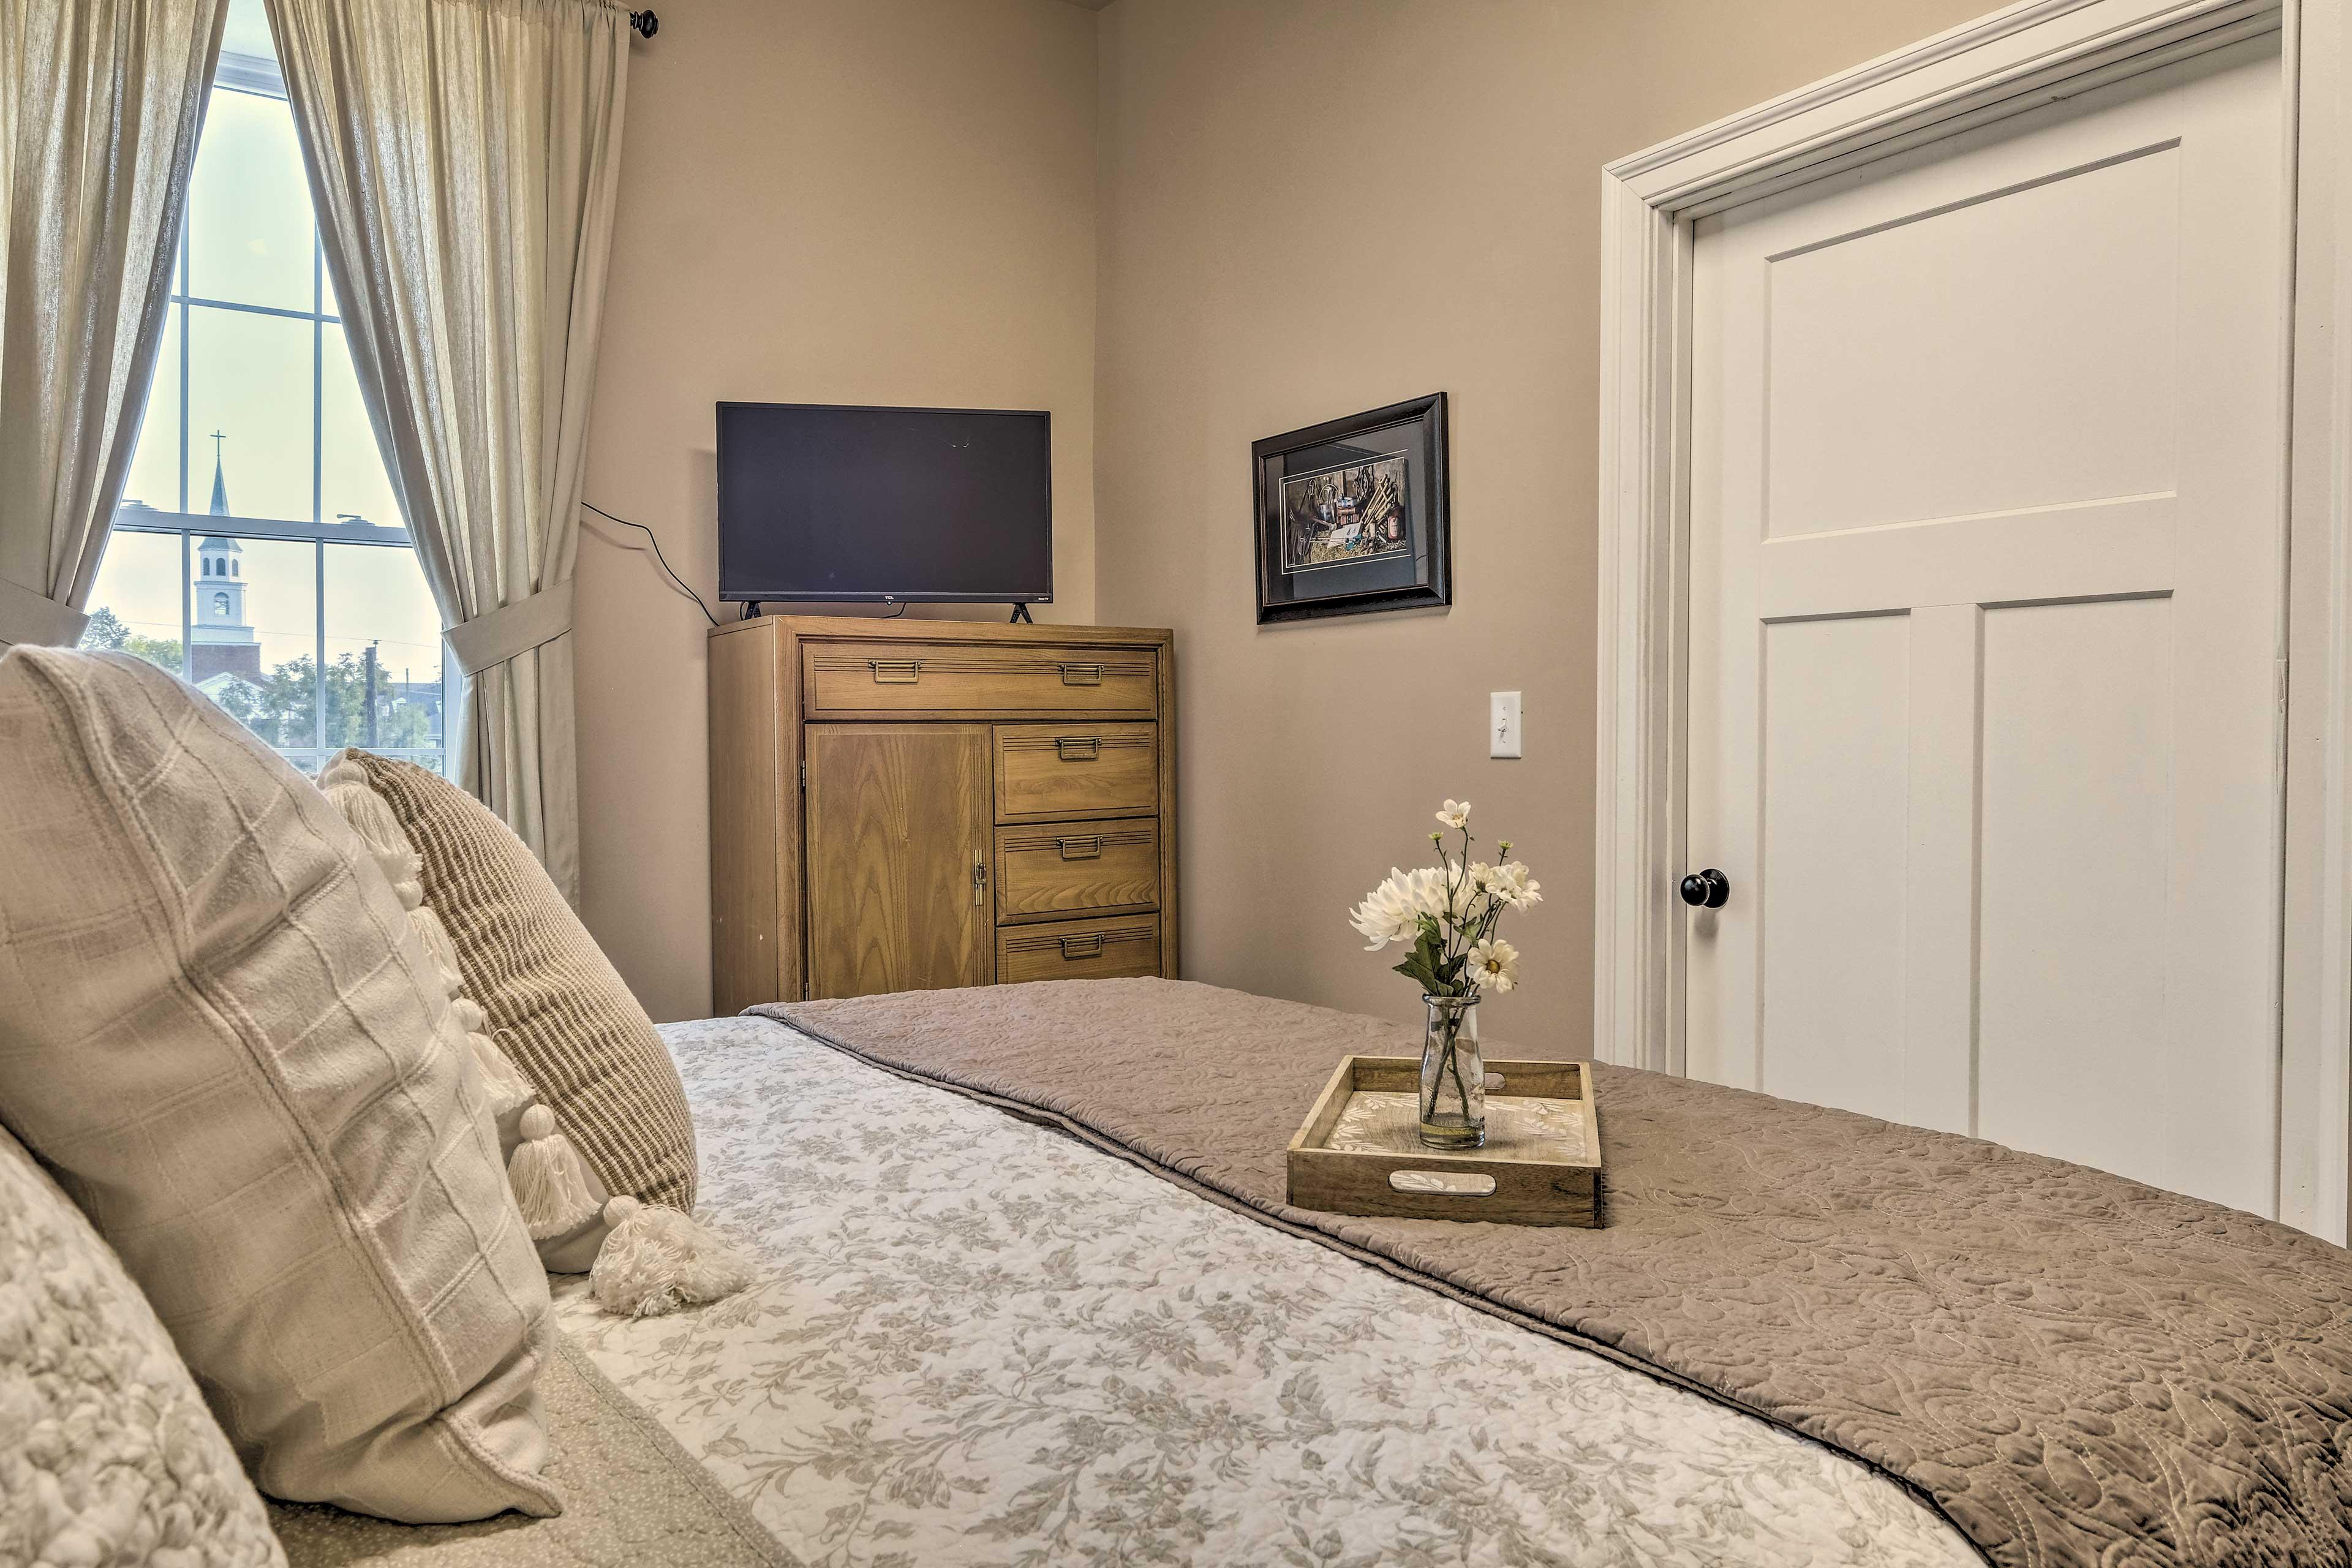 Bedroom 2 | Smart TV w/ Roku